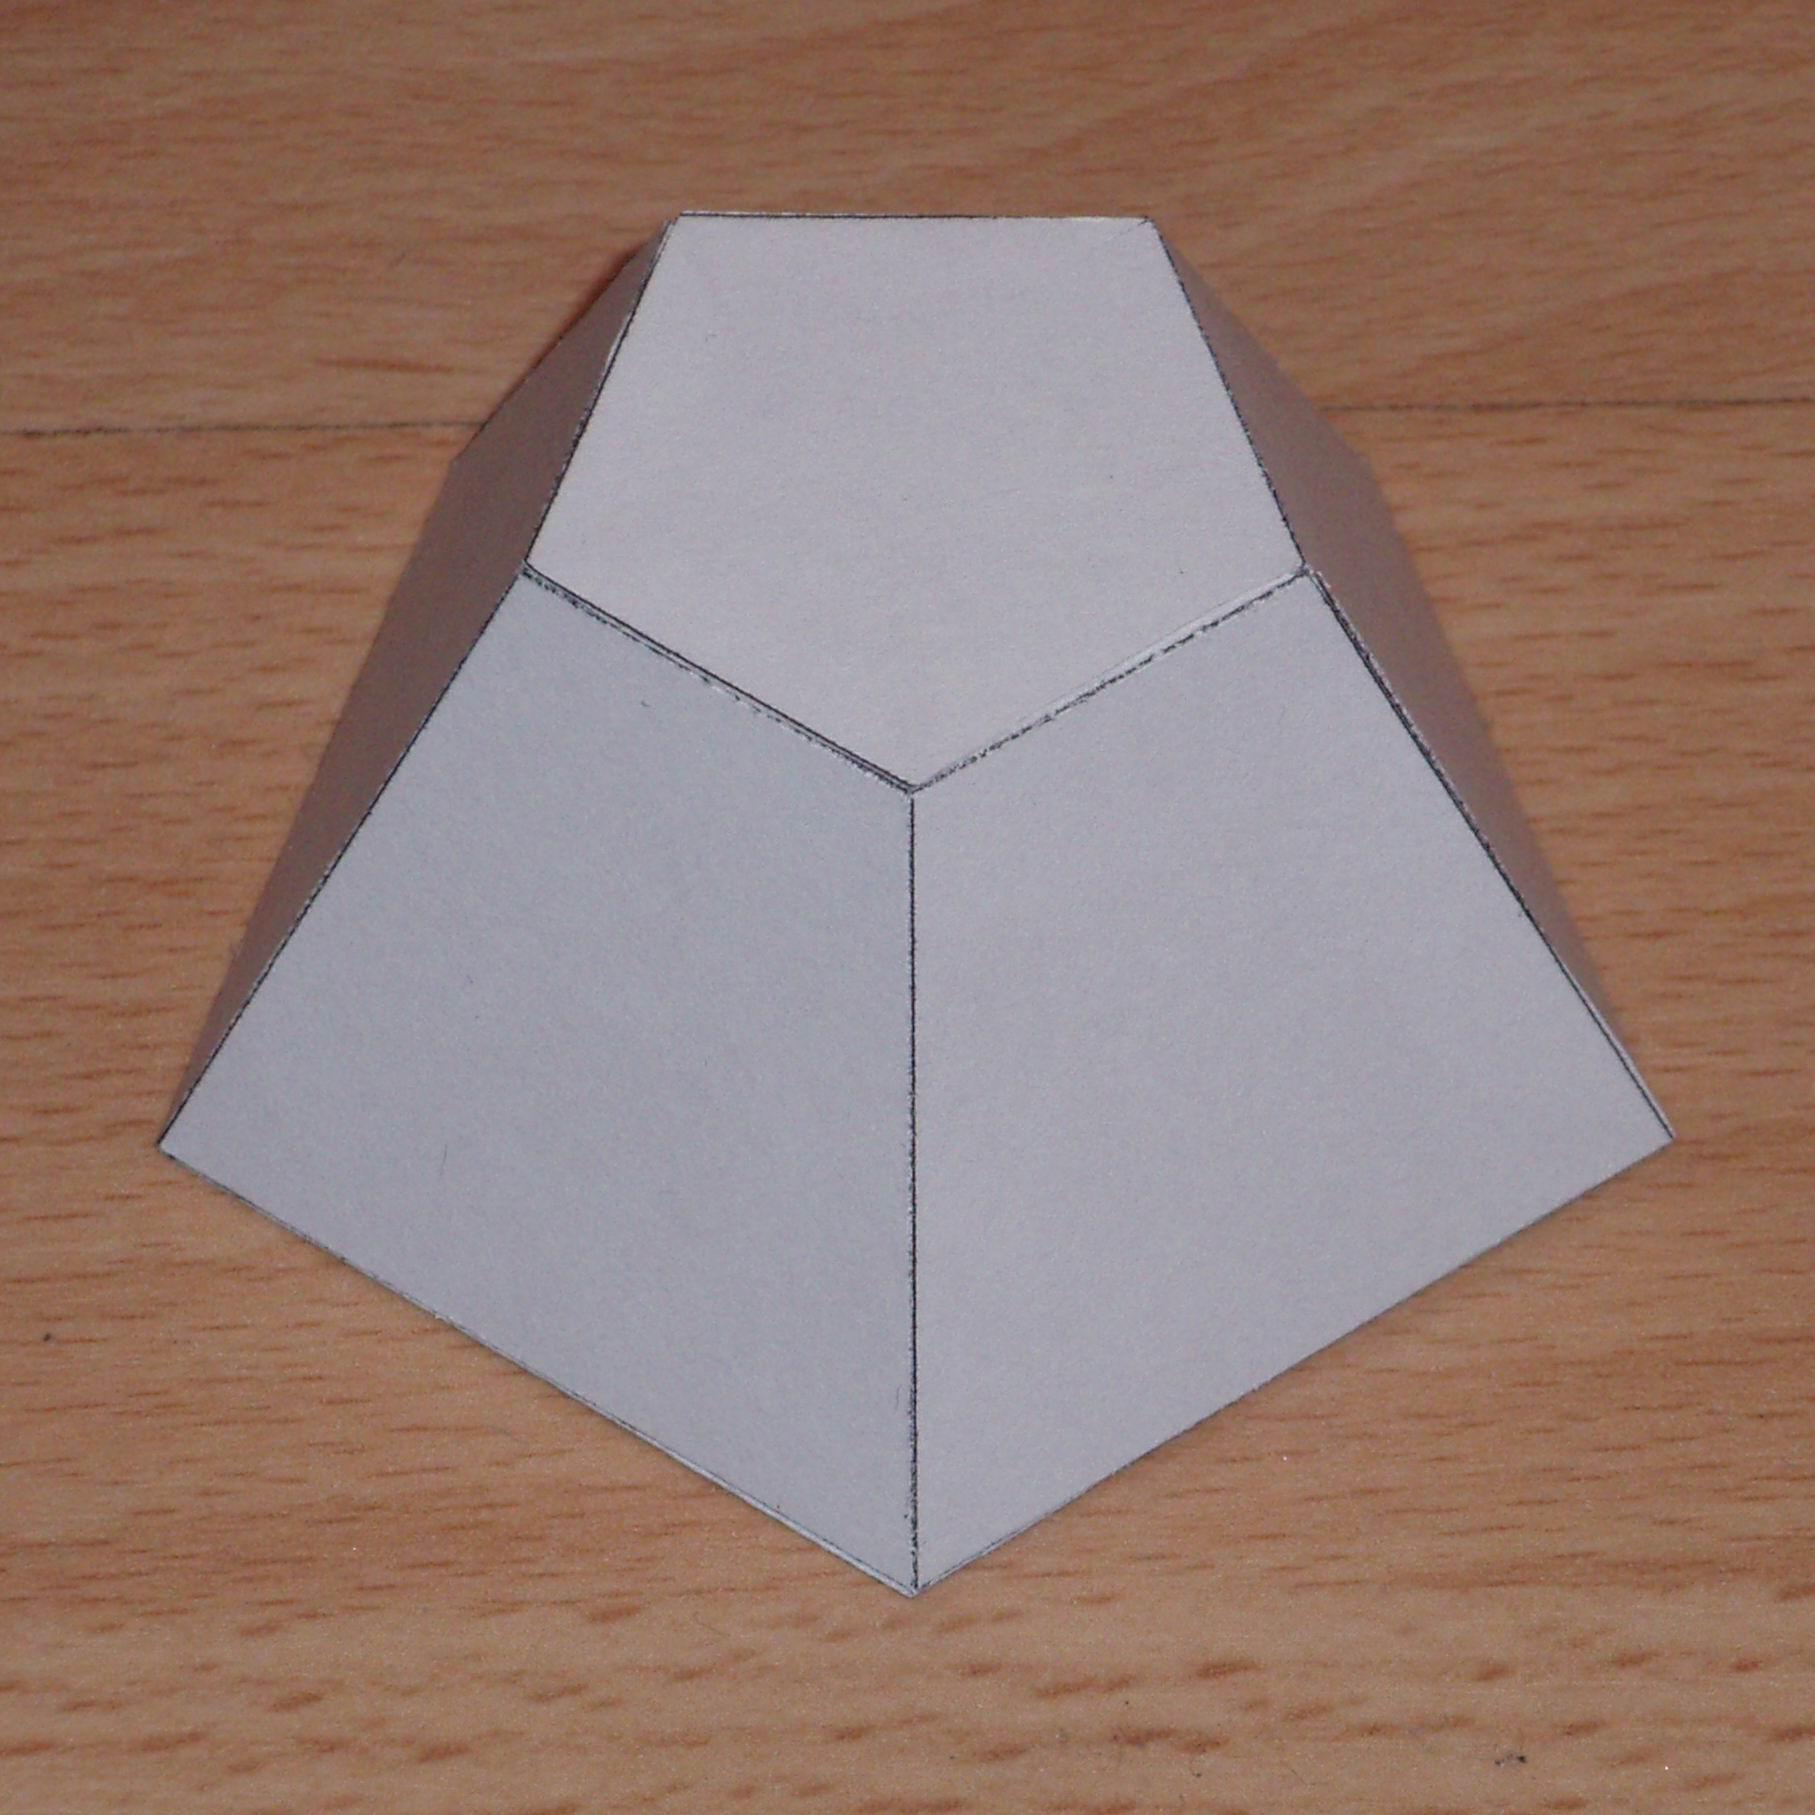 Modelos De Papel De Pirámides De La Misma Altura Truncado